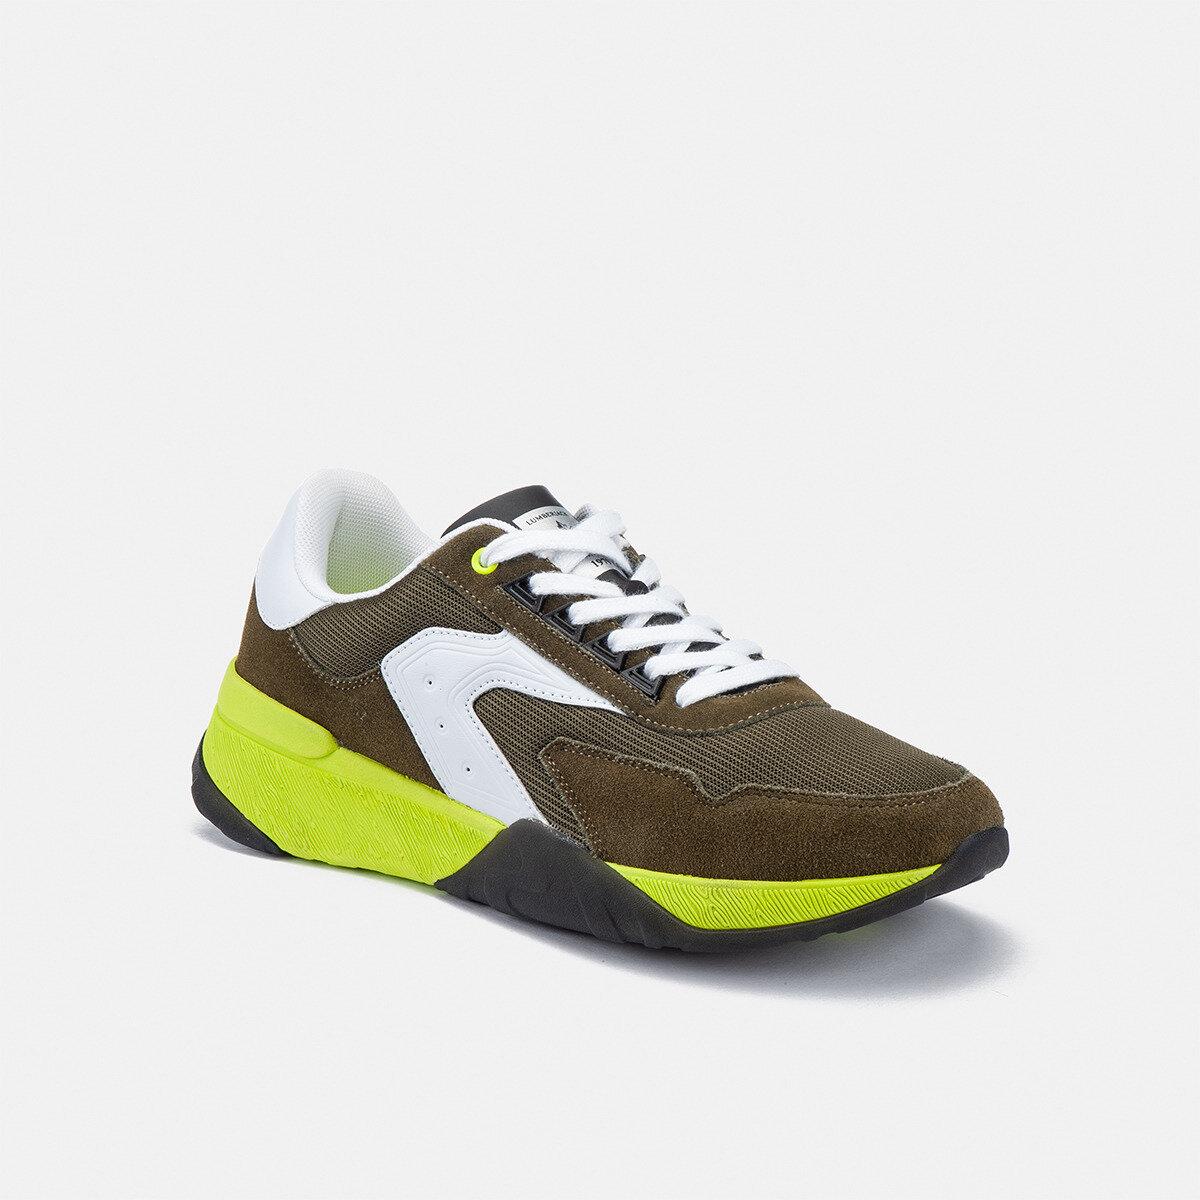 MIAMI TRUFFLE GREEN Man Sneakers